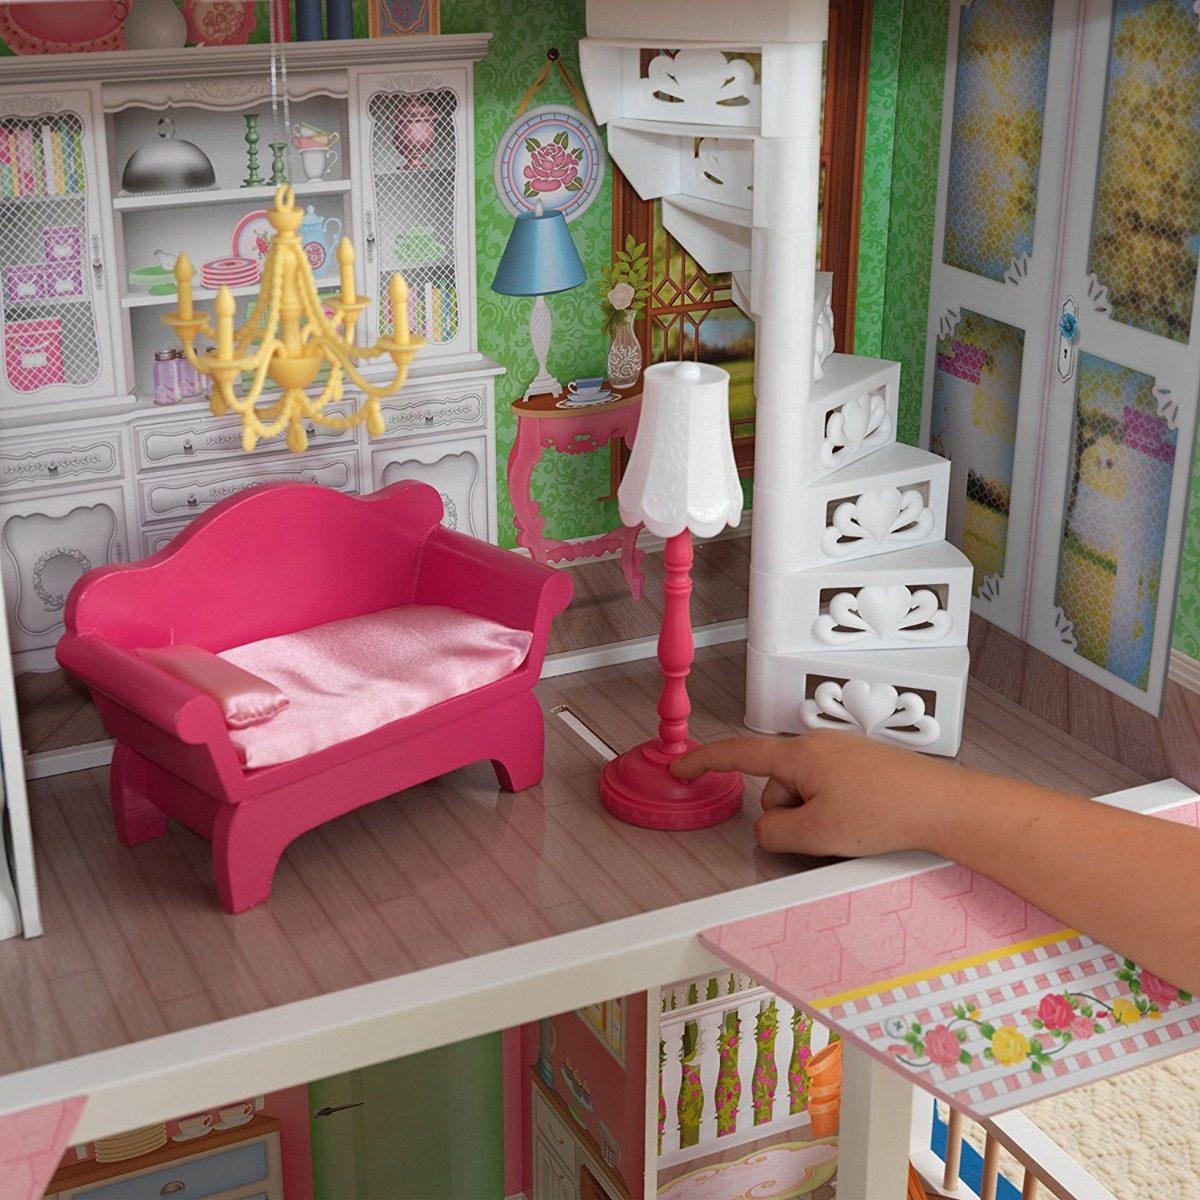 Casa Para Barbies Marca Kidkraft Con Accesorios Para Niñas ...